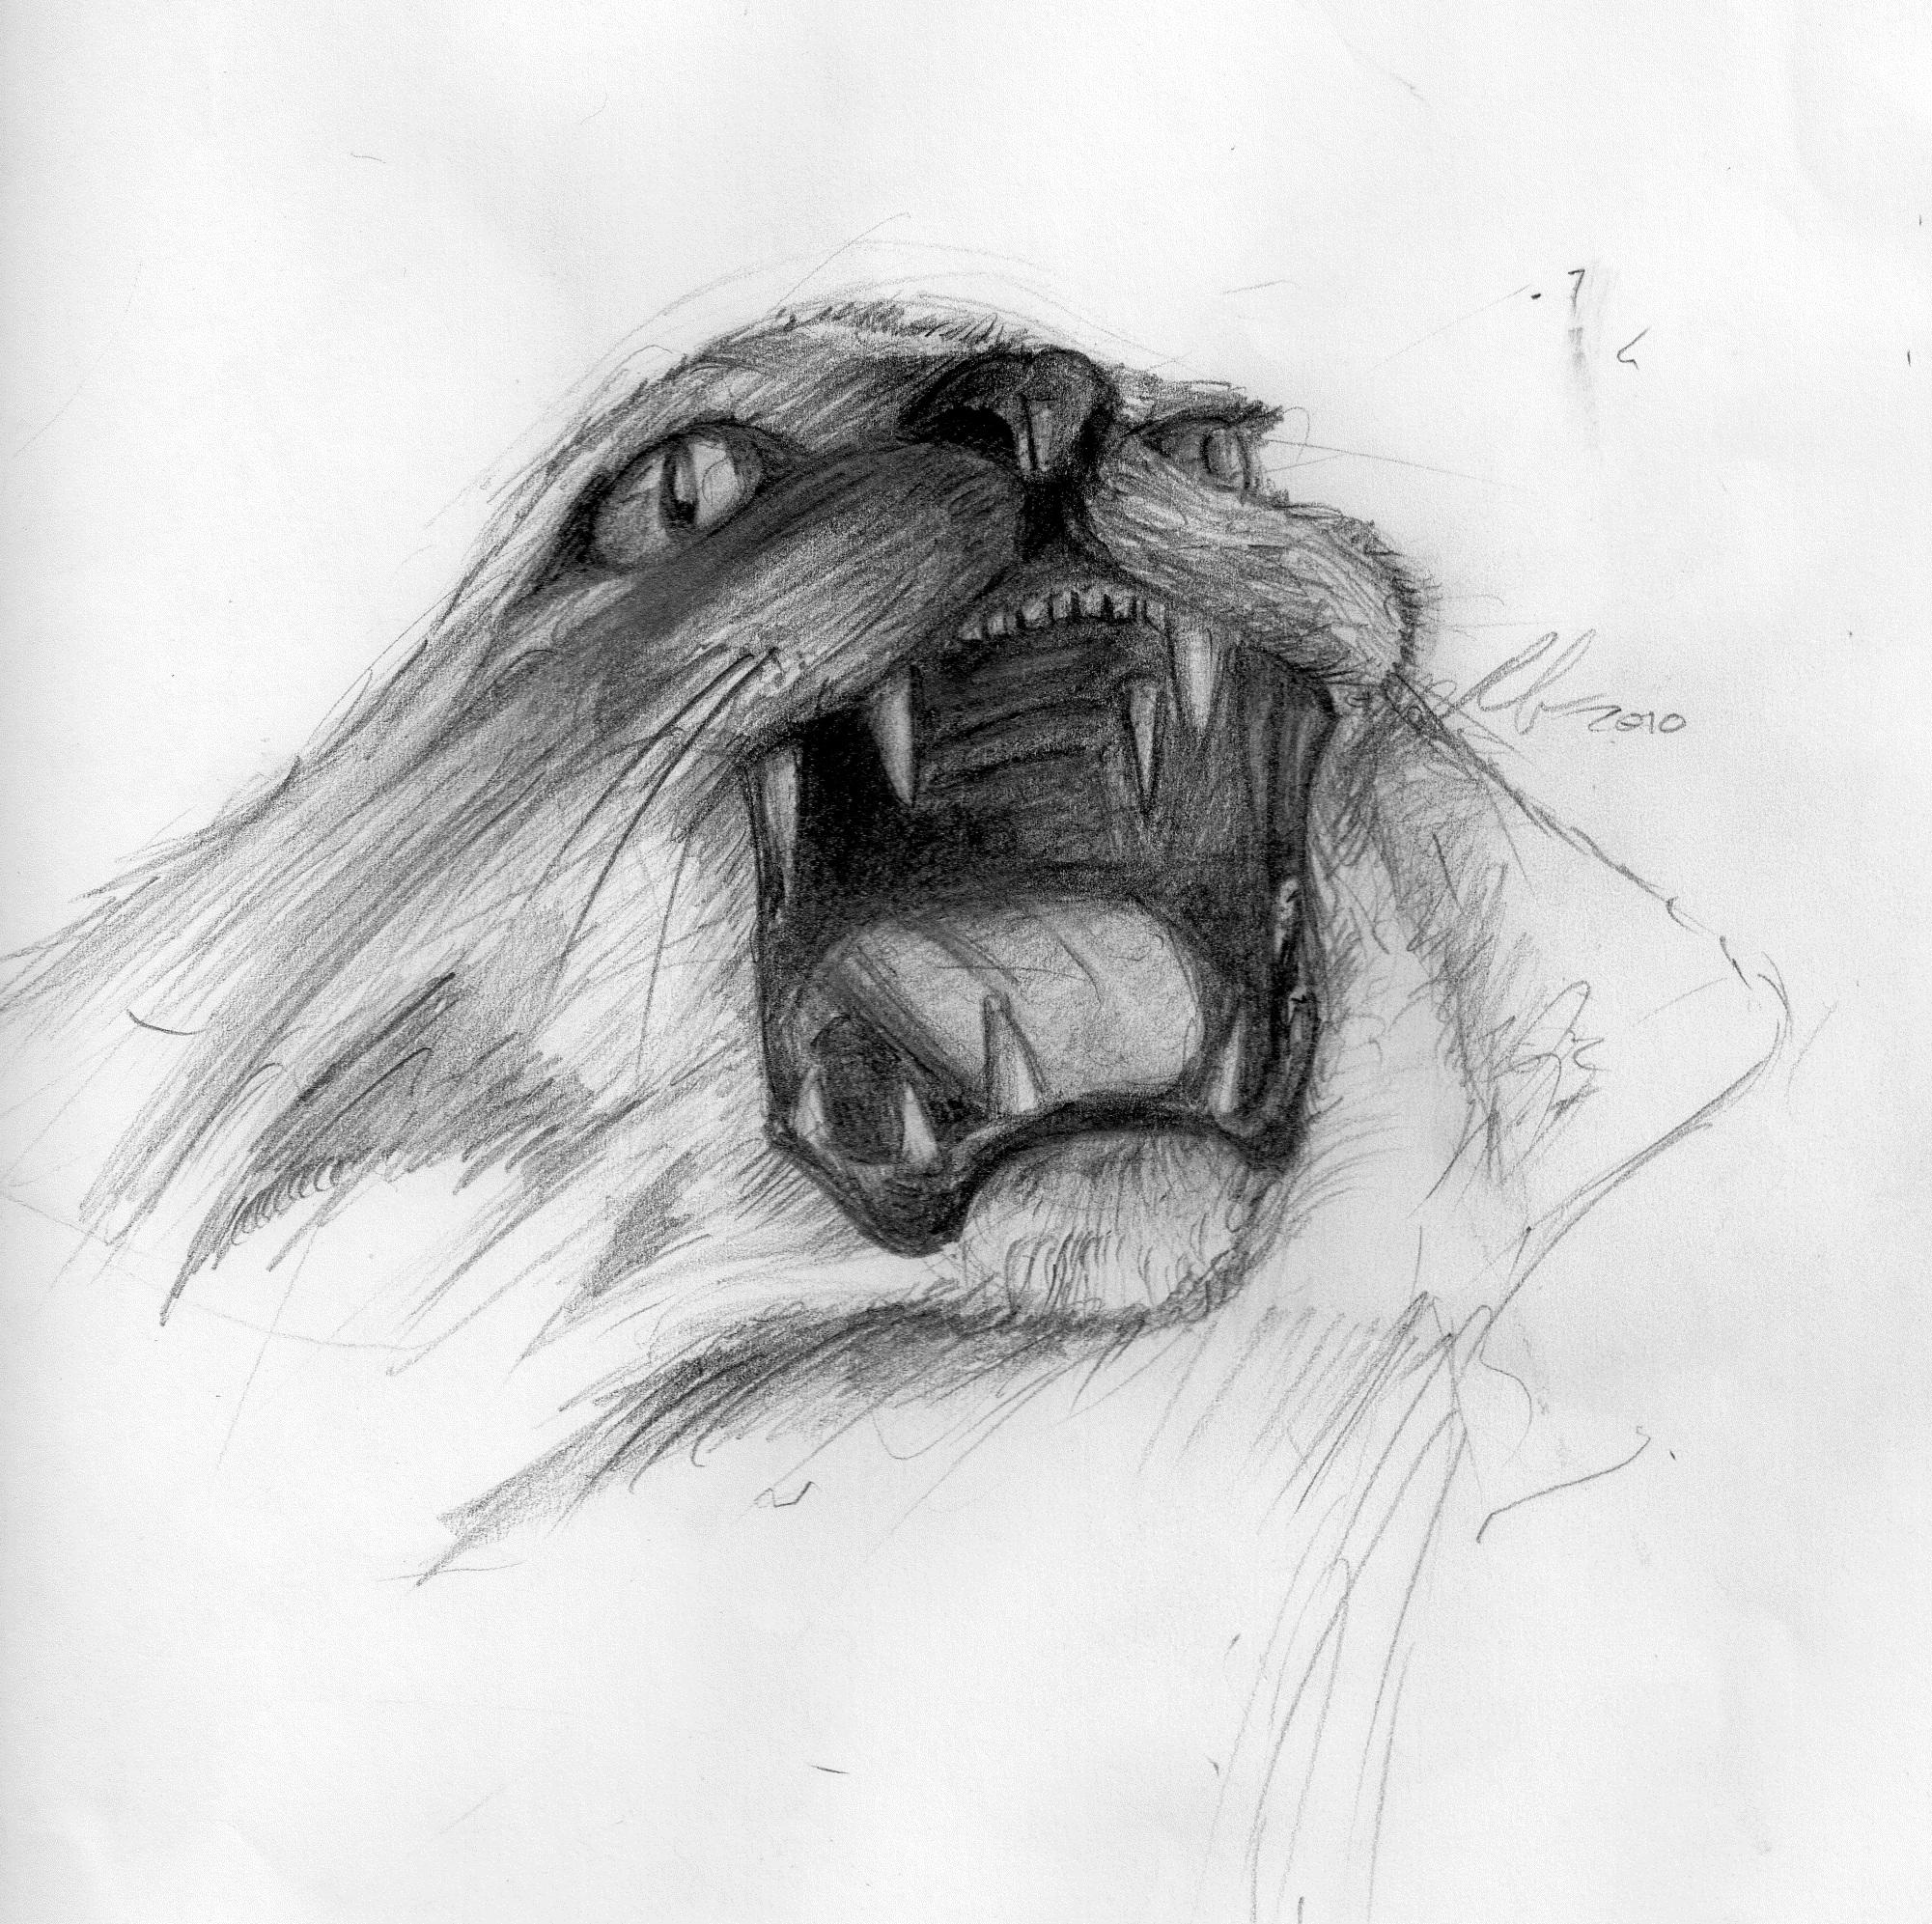 angry animal drawing - photo #24